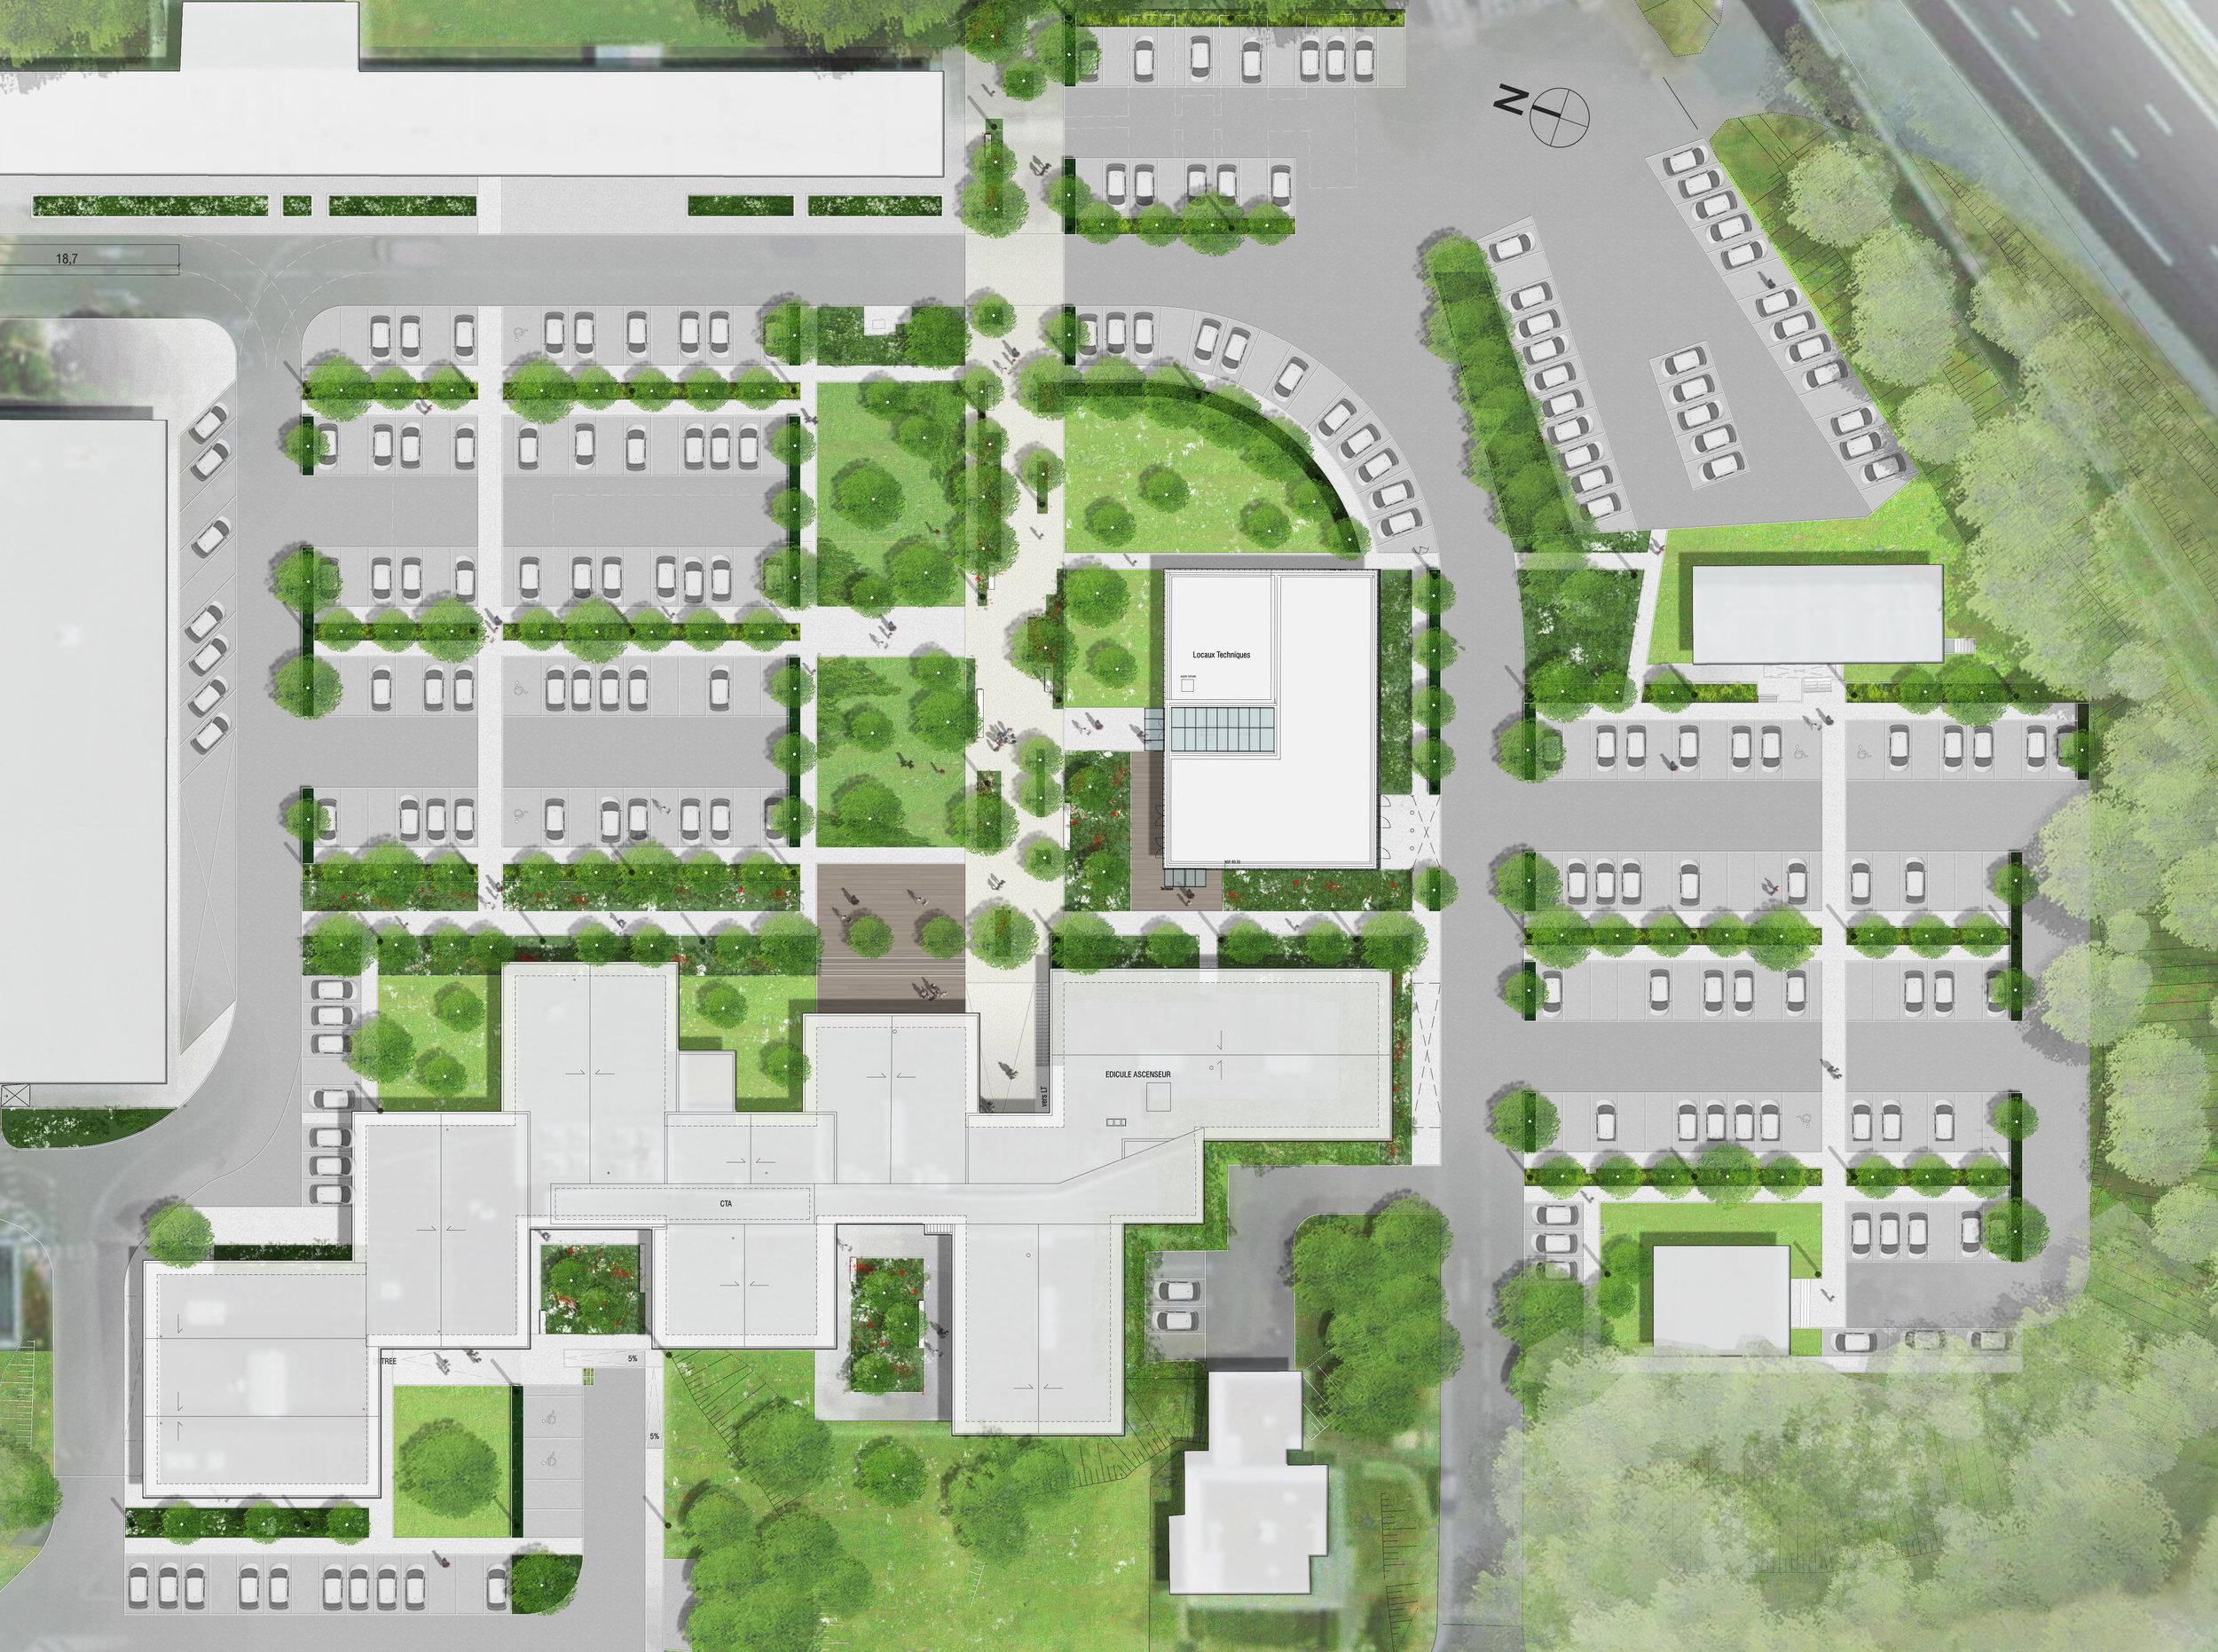 Jardins & Terrasses / SANEF, Senlis (60)    Projet en cours  : Livraison prévue pour 2019